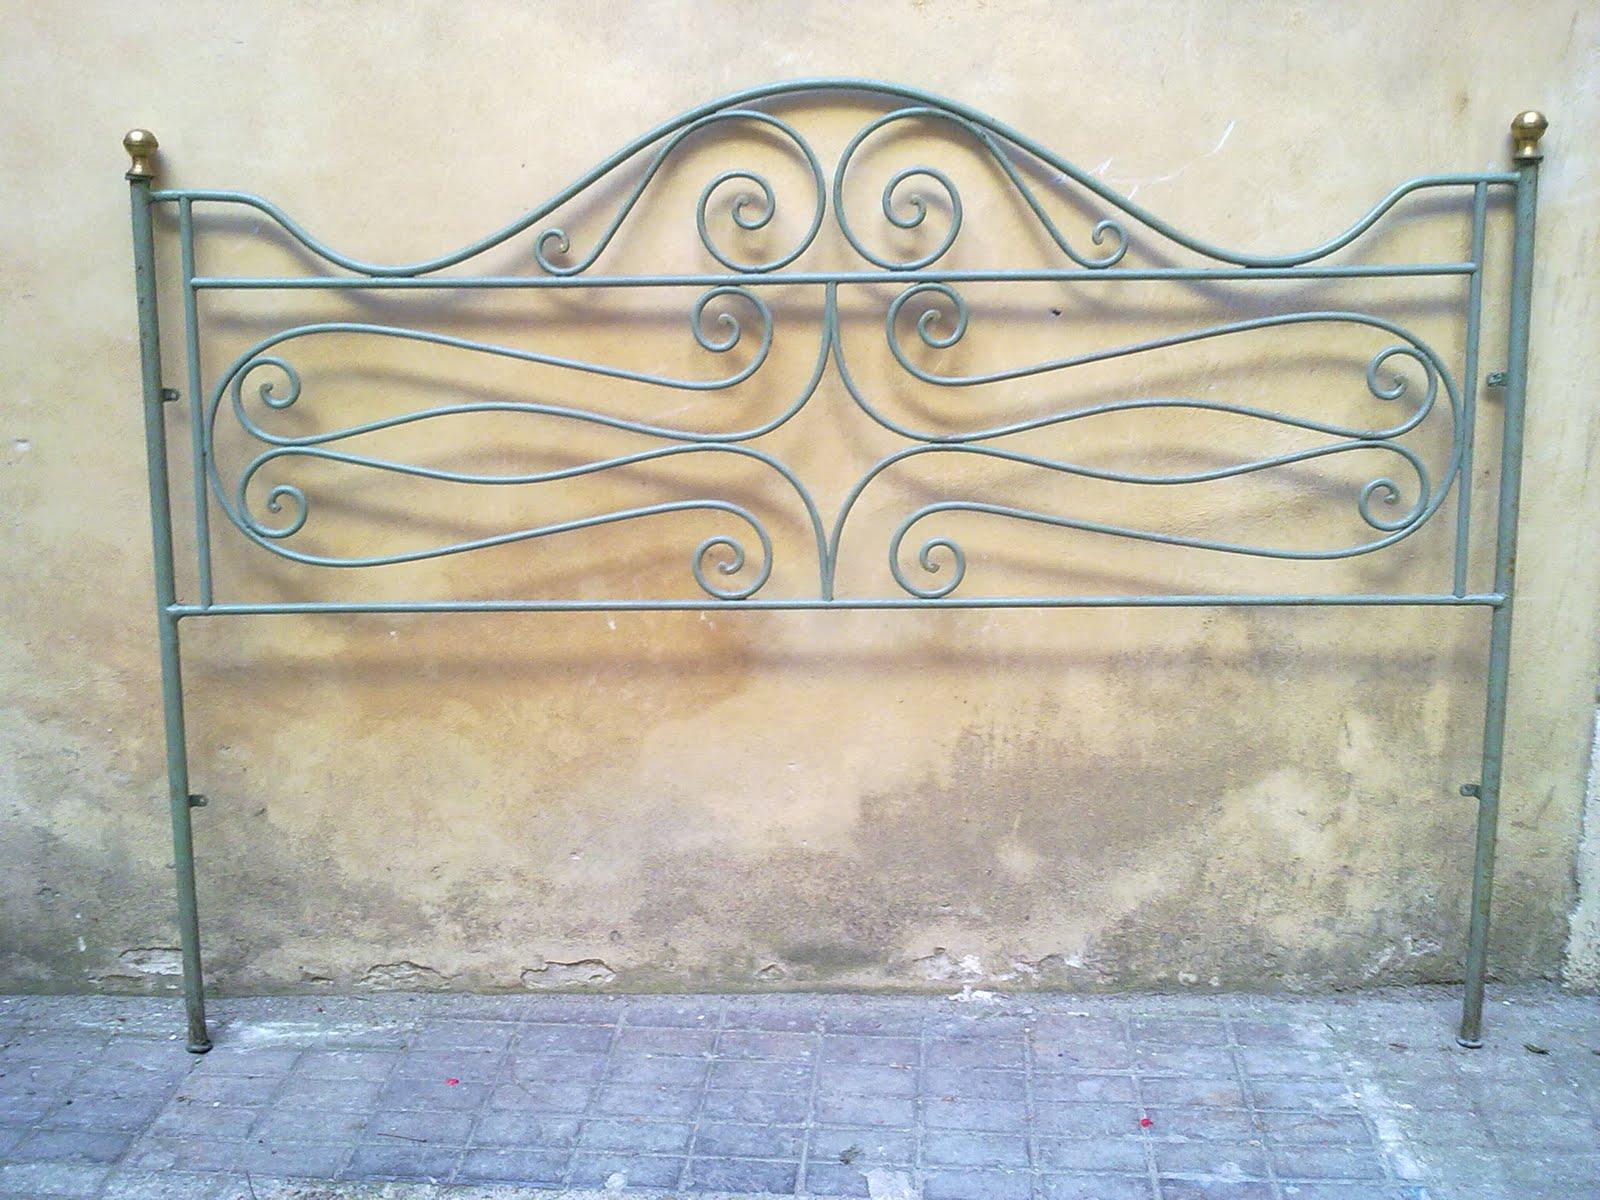 Ditta brogani maurizio lavori in ferro battuto e restauri - Testiera letto ferro ...